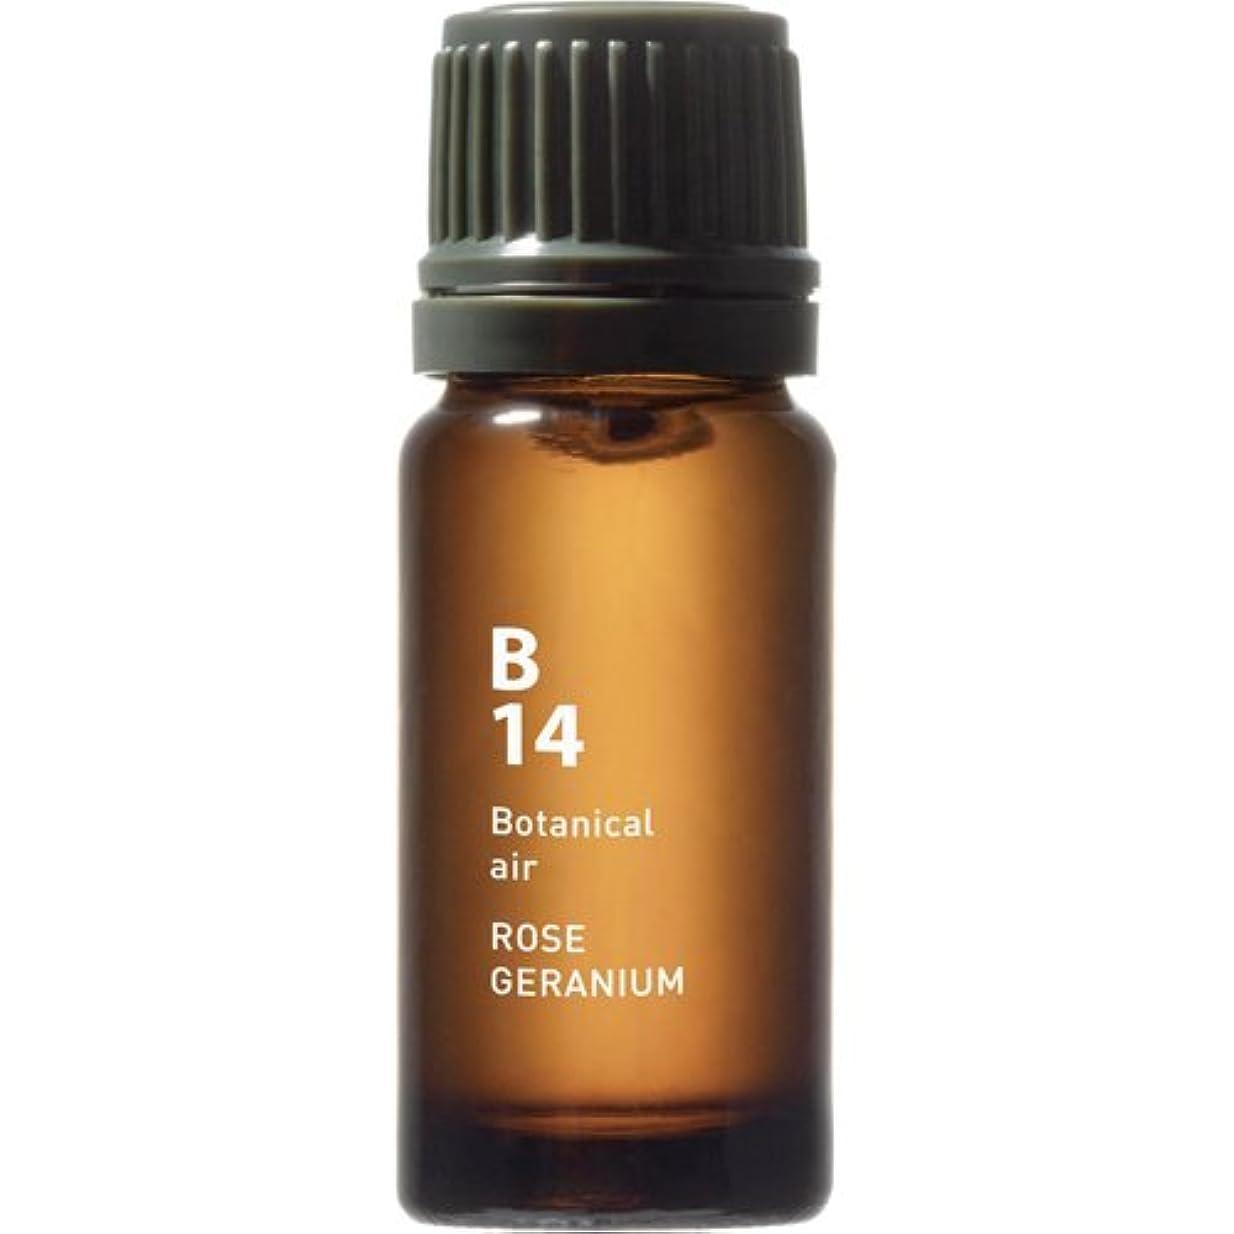 避けられないドラッグ発表するB14 ローズゼラニウム Botanical air(ボタニカルエアー) 10ml